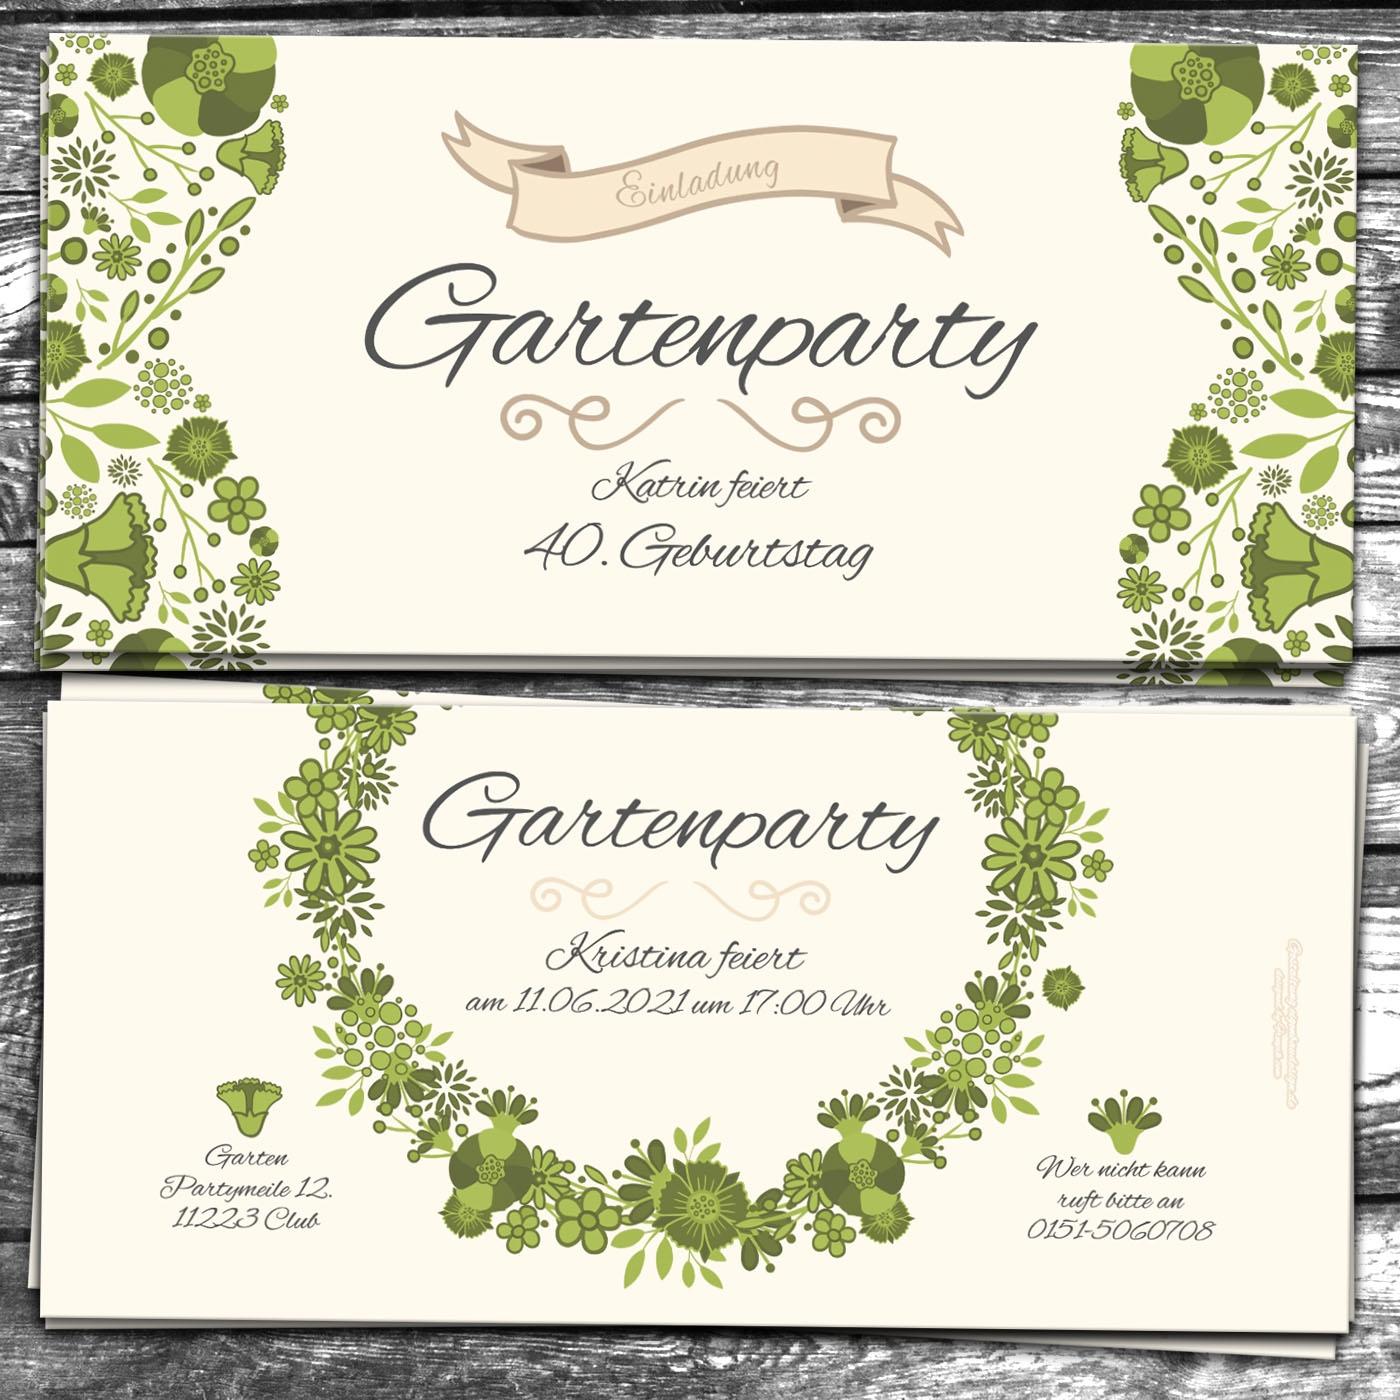 einladungskarte gartenparty - eigenbaudesign manufaktur, Garten ideen